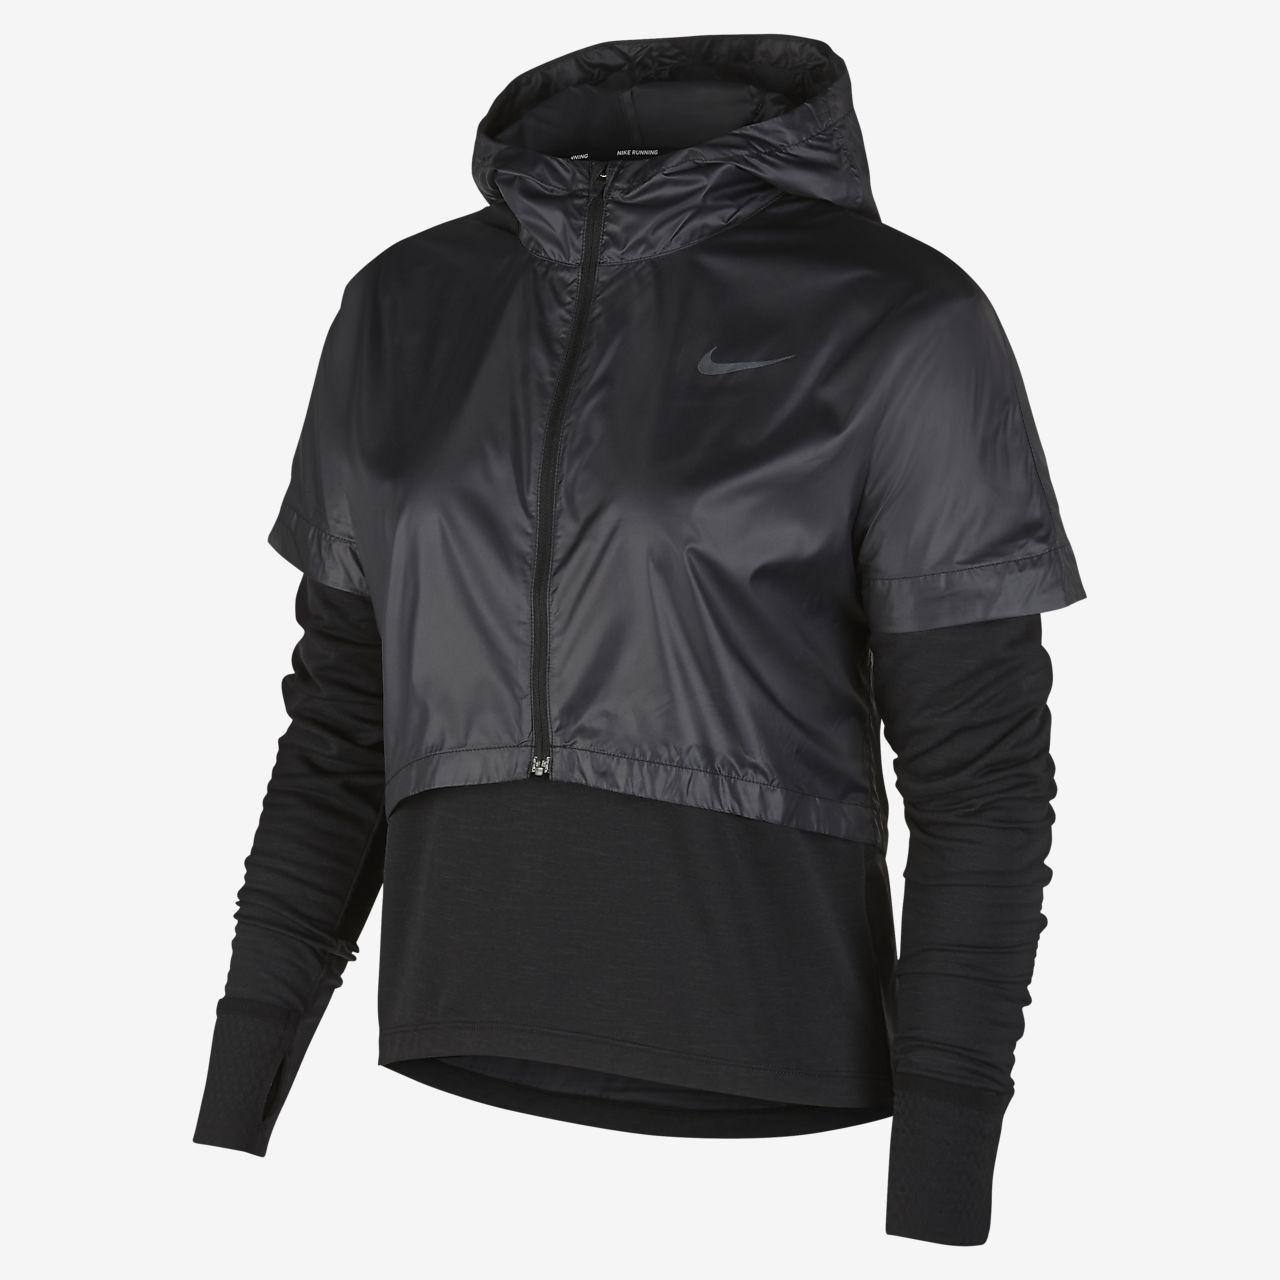 1f04fae5d Damska bluza z długim rękawem do biegania Nike Therma. Nike.com PL